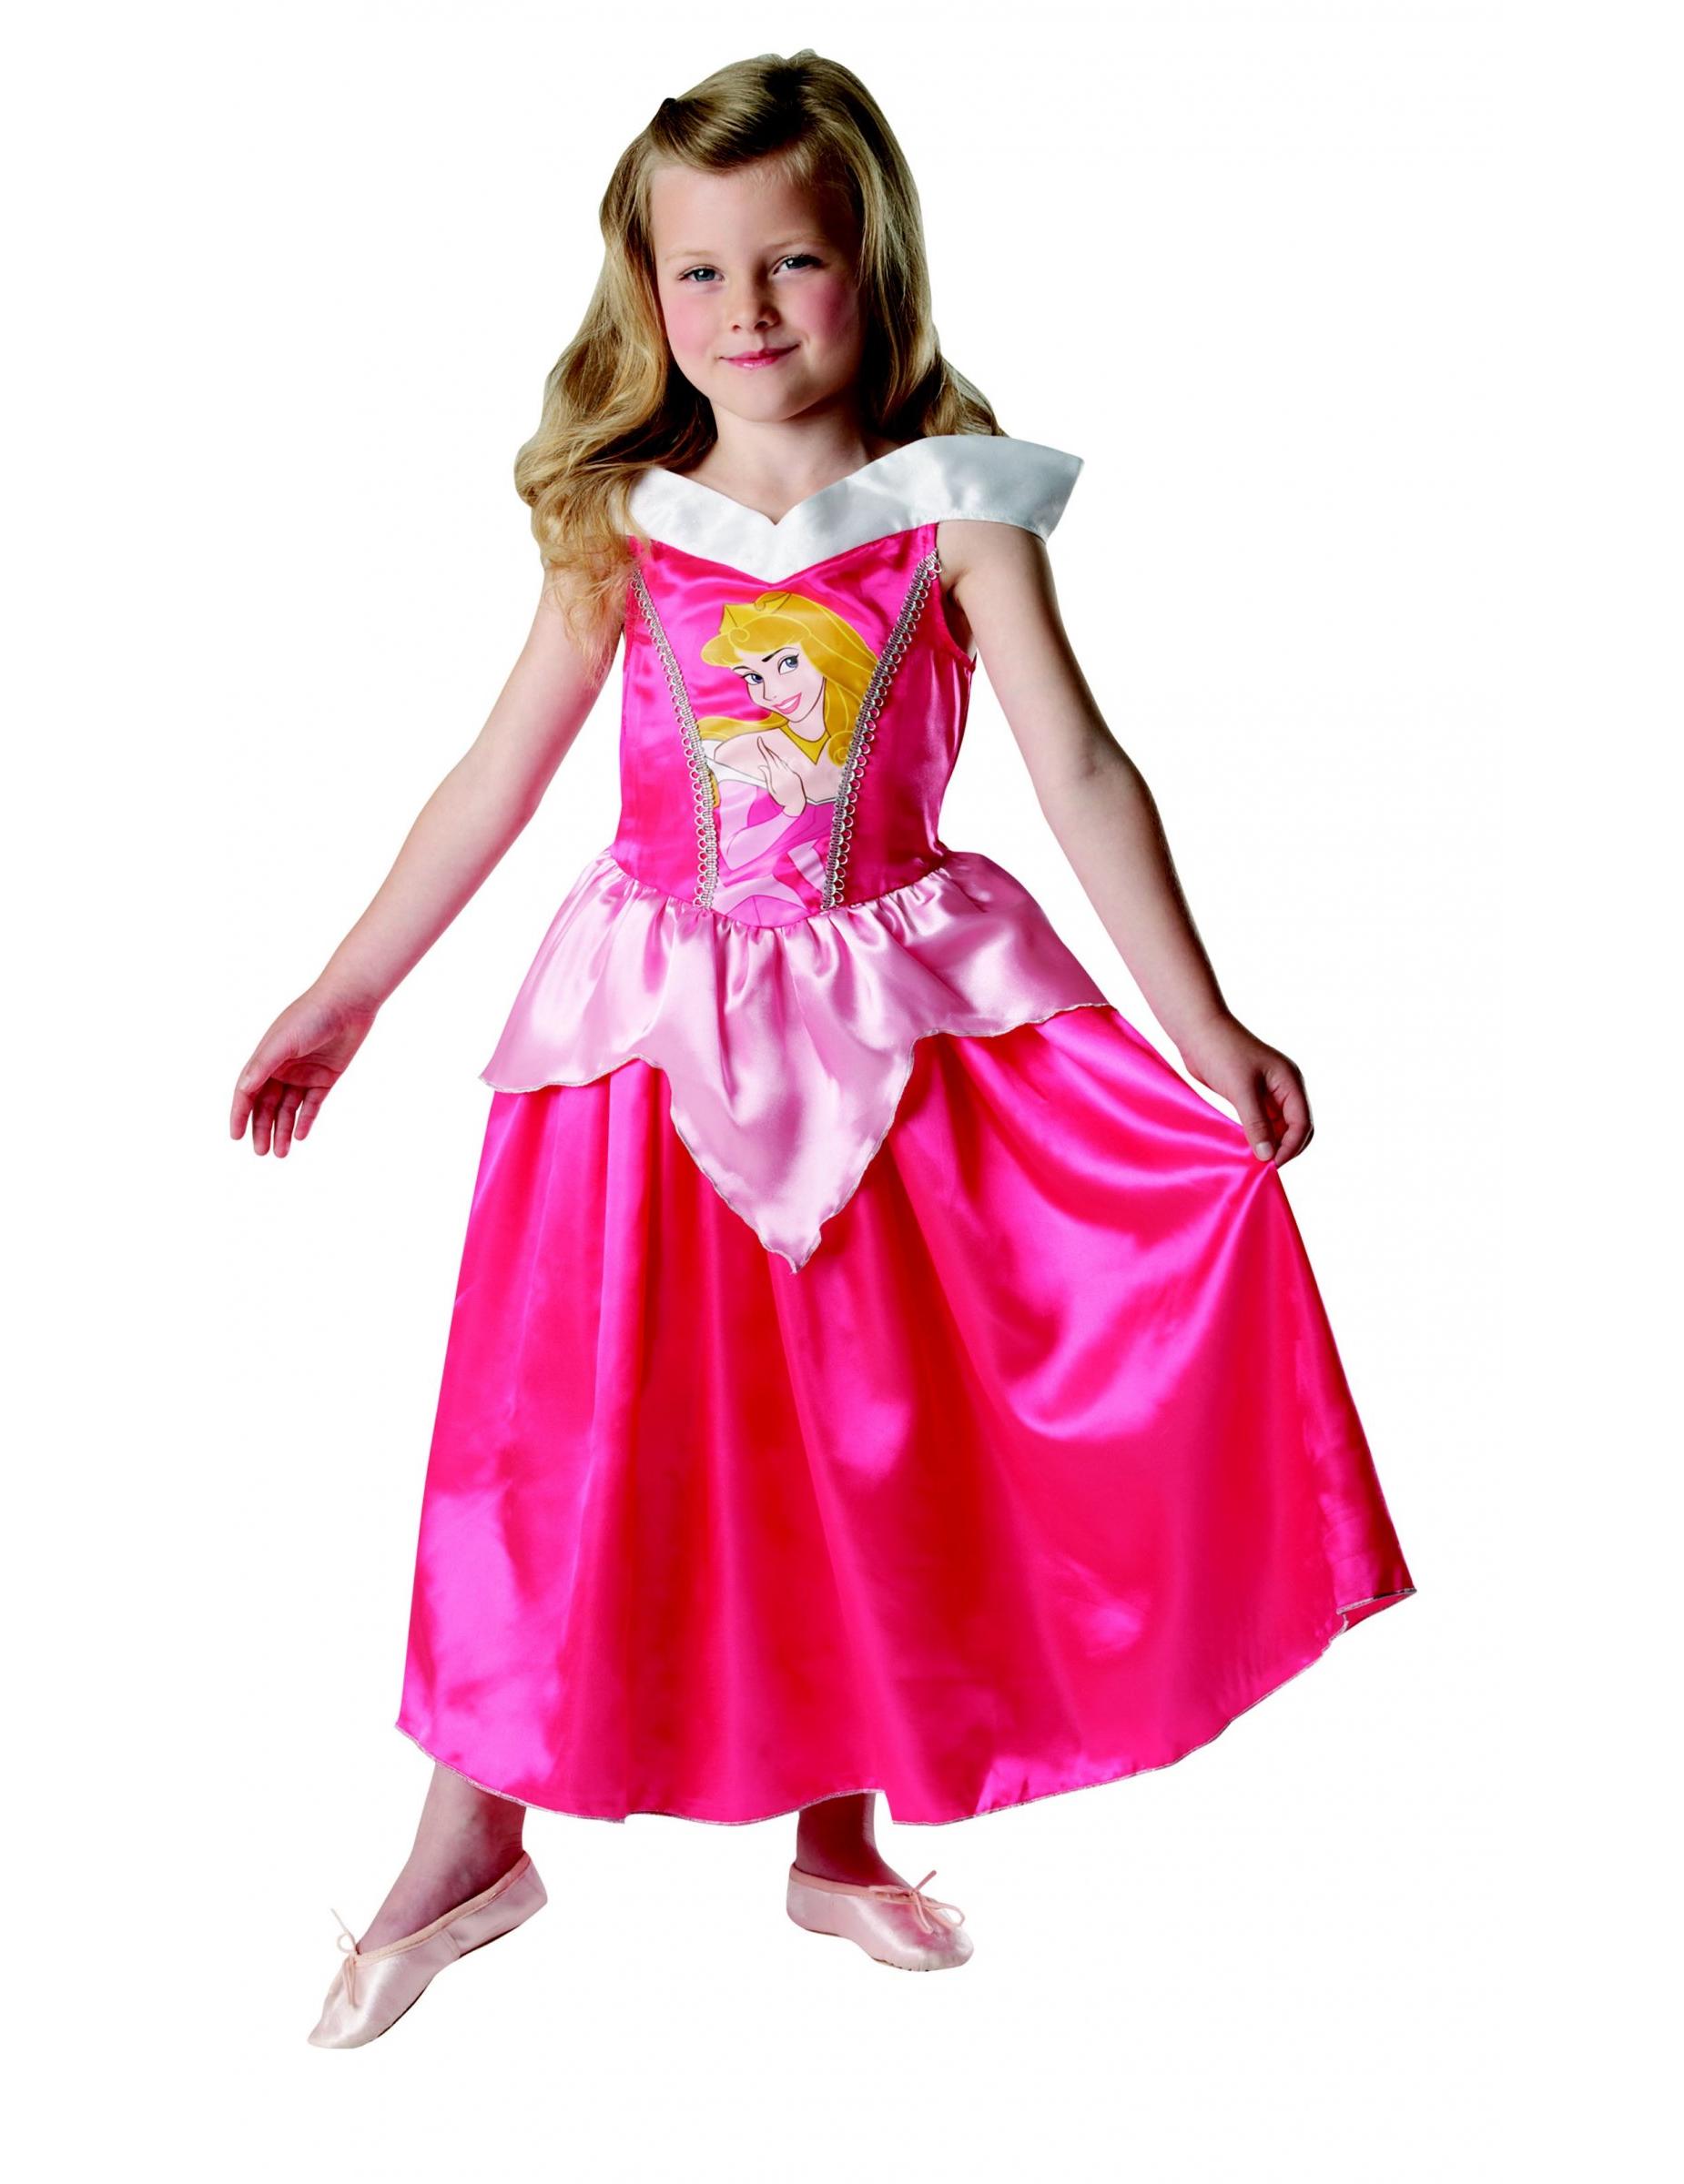 dornr schen disney prinzessinnen m rchenkost m kinderkost m rosa pink g nstige faschings. Black Bedroom Furniture Sets. Home Design Ideas